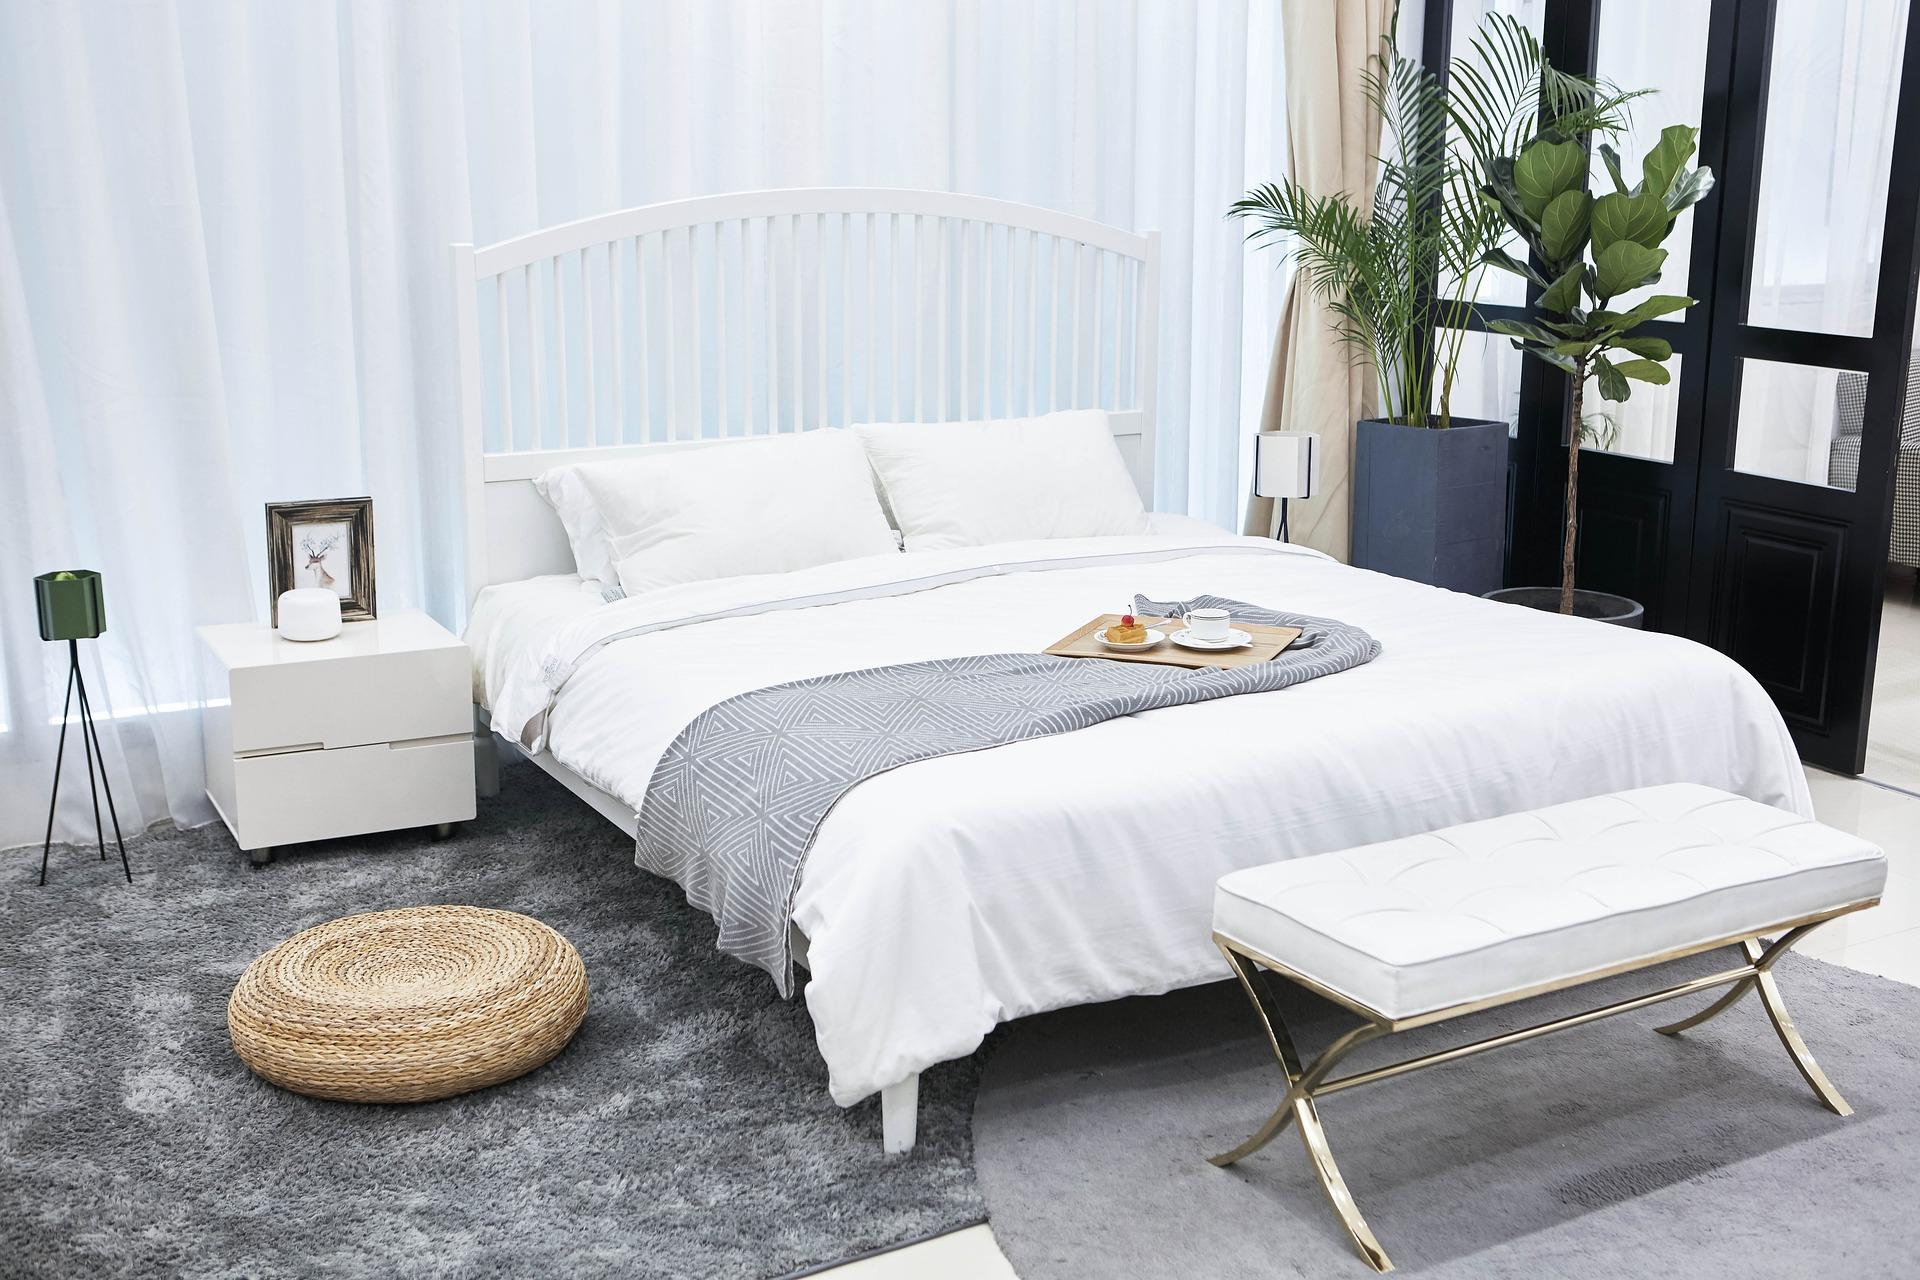 Comment_aménager_une_chambre_à_coucher_pour_une_meilleure_nuit_de_sommeil